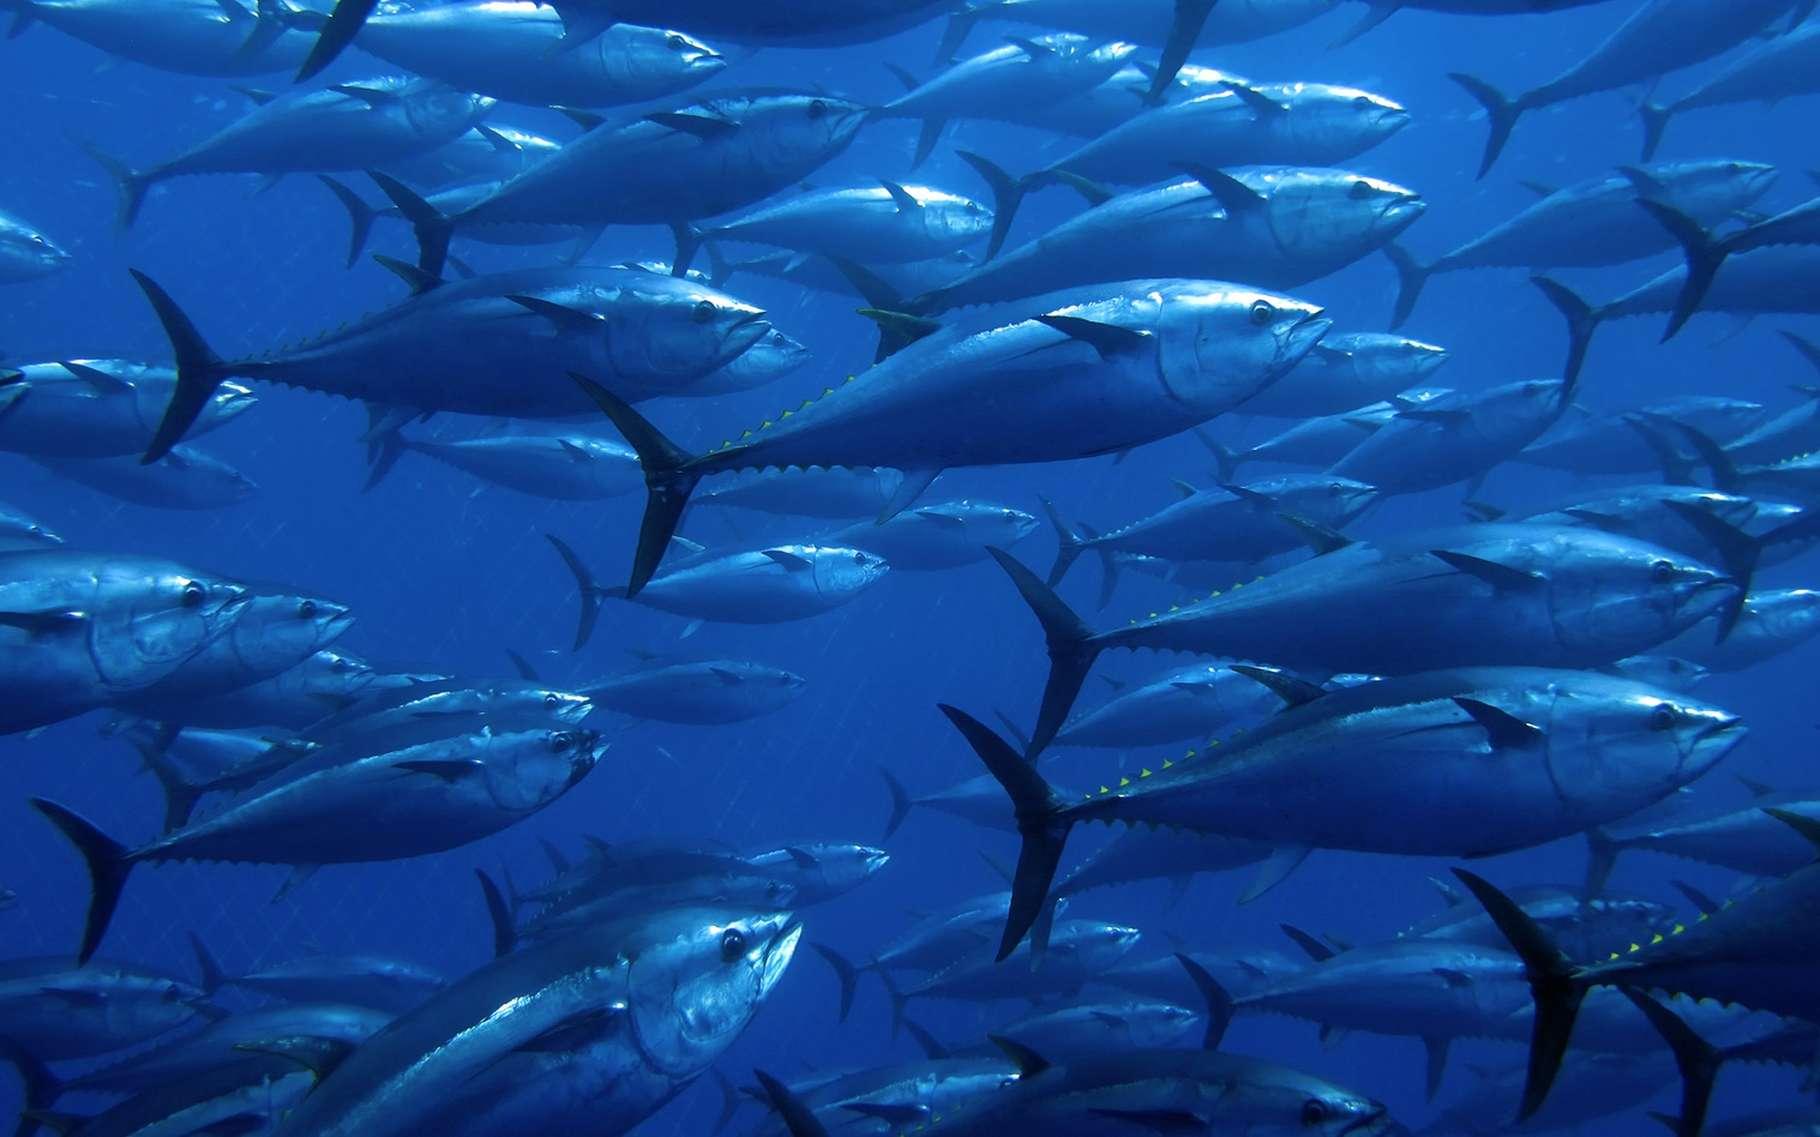 Les grands animaux marins comme le thon rouge seraient particulièrement touchés par cette extinction de masse sans précédent dans l'Histoire de la Terre. © Ugo Montaldo, Shutterstock